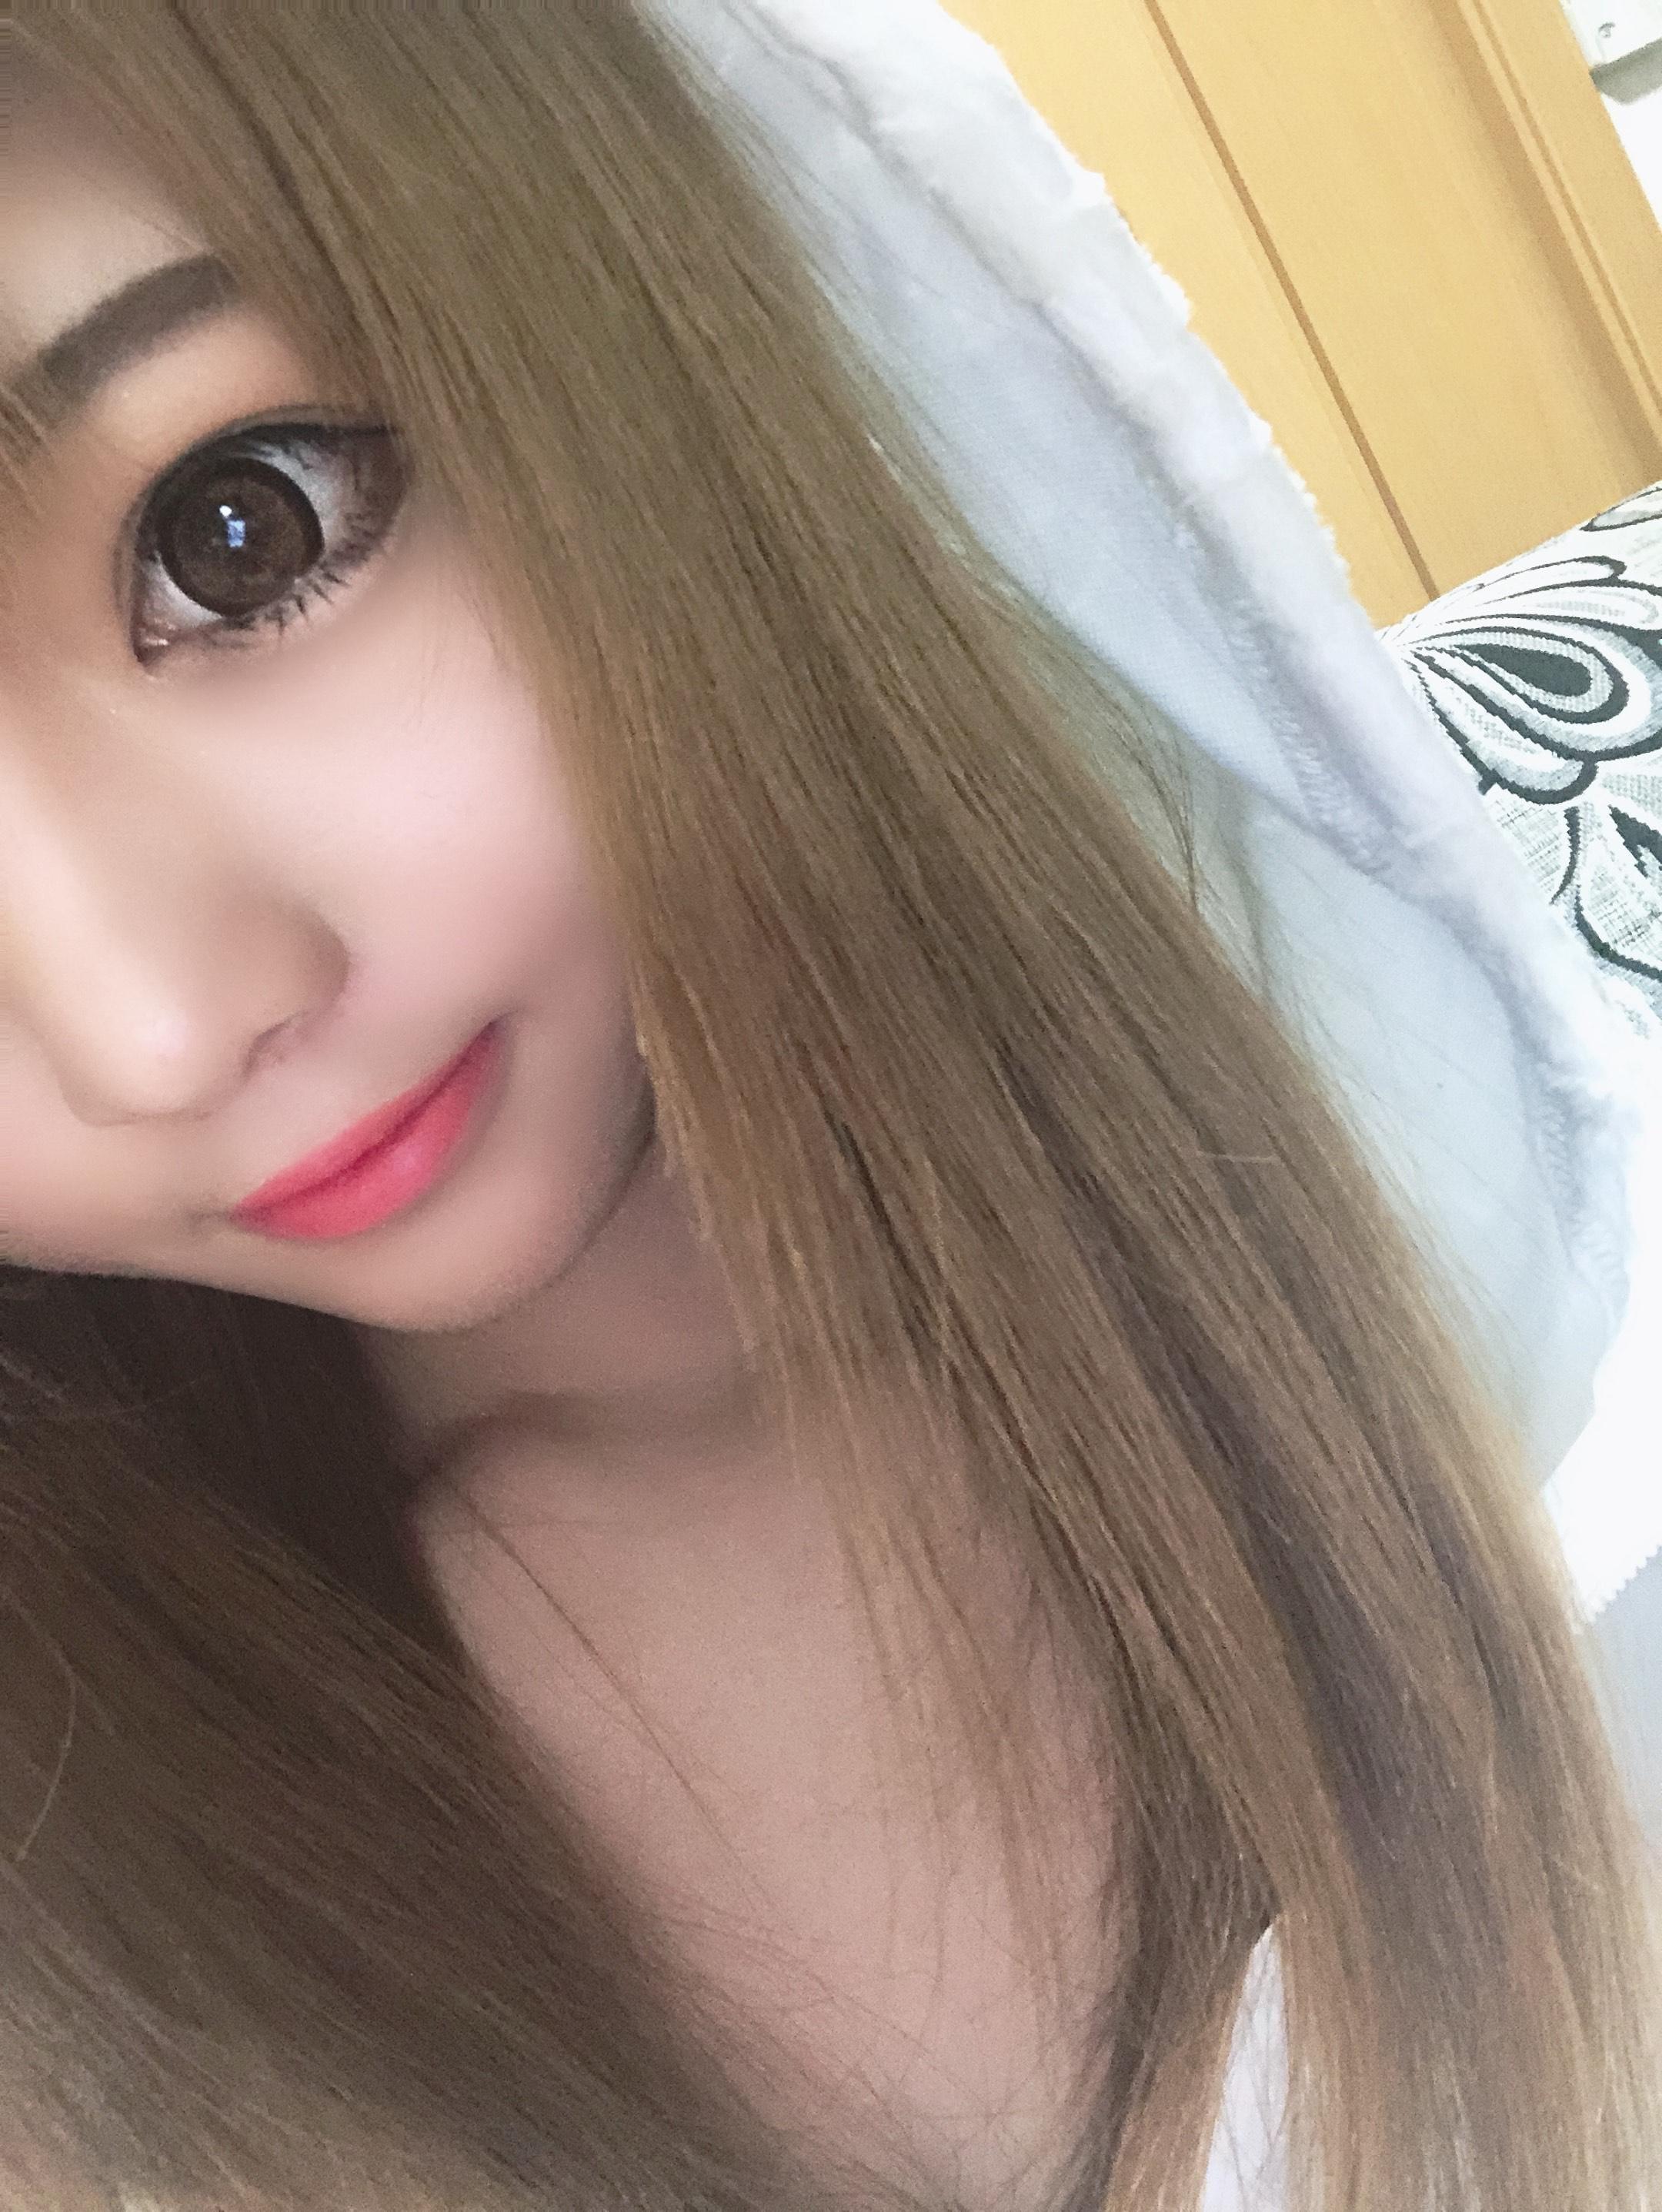 「出勤するょん」01/12(01/12) 07:30 | きららの写メ・風俗動画